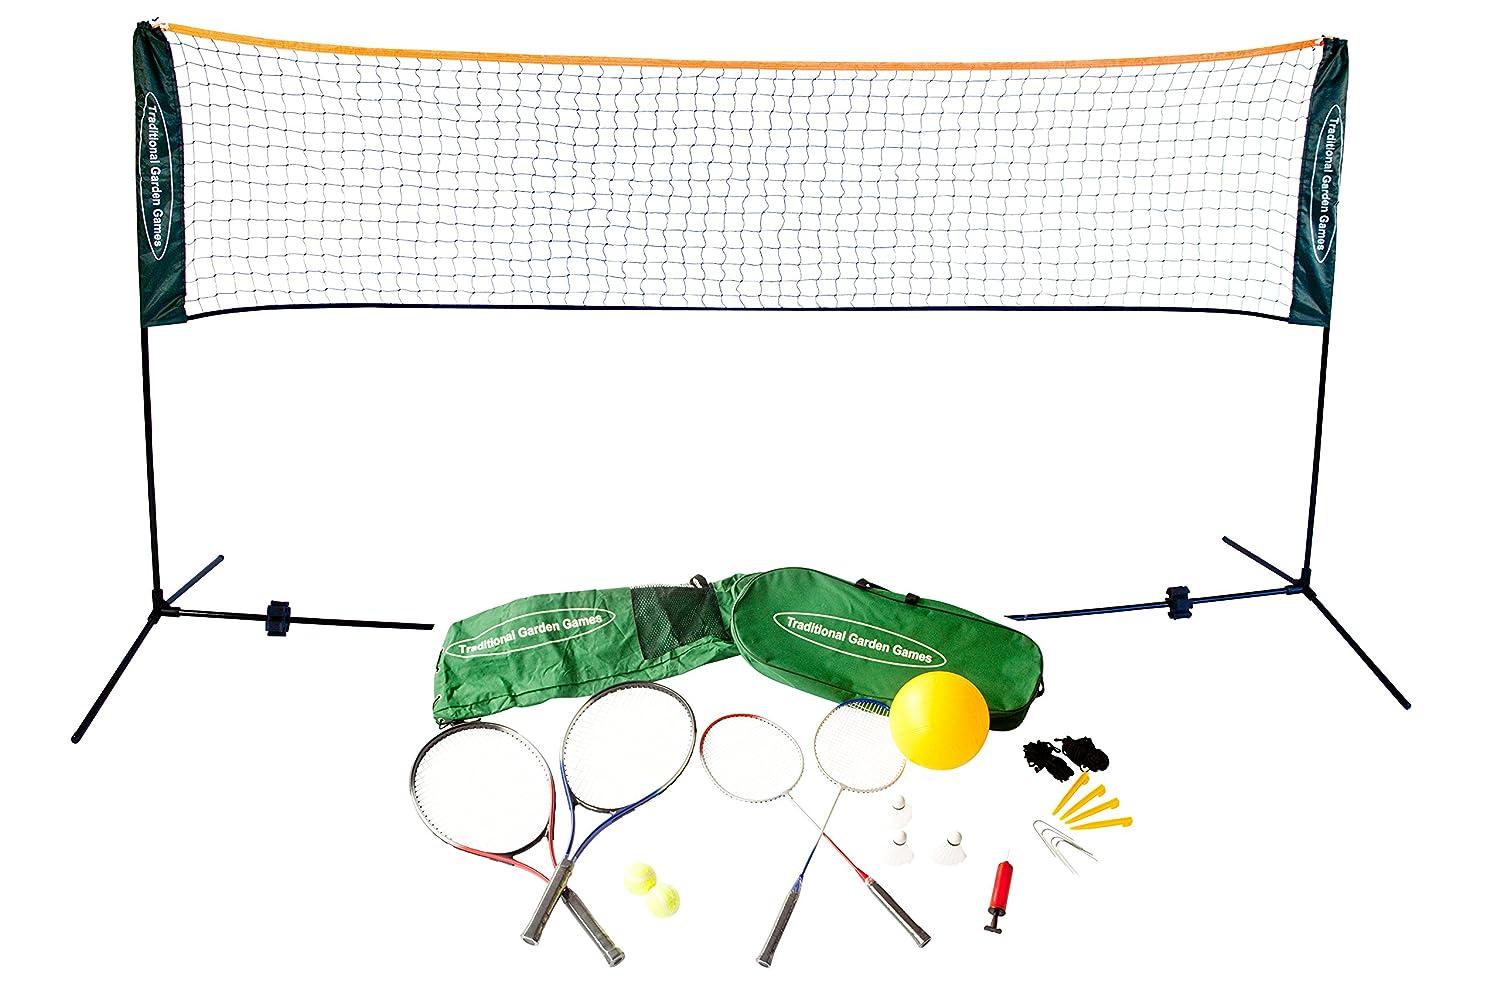 Traditional Garden Games 5 m Badminton Volleyball und Tennis Spielset günstig kaufen